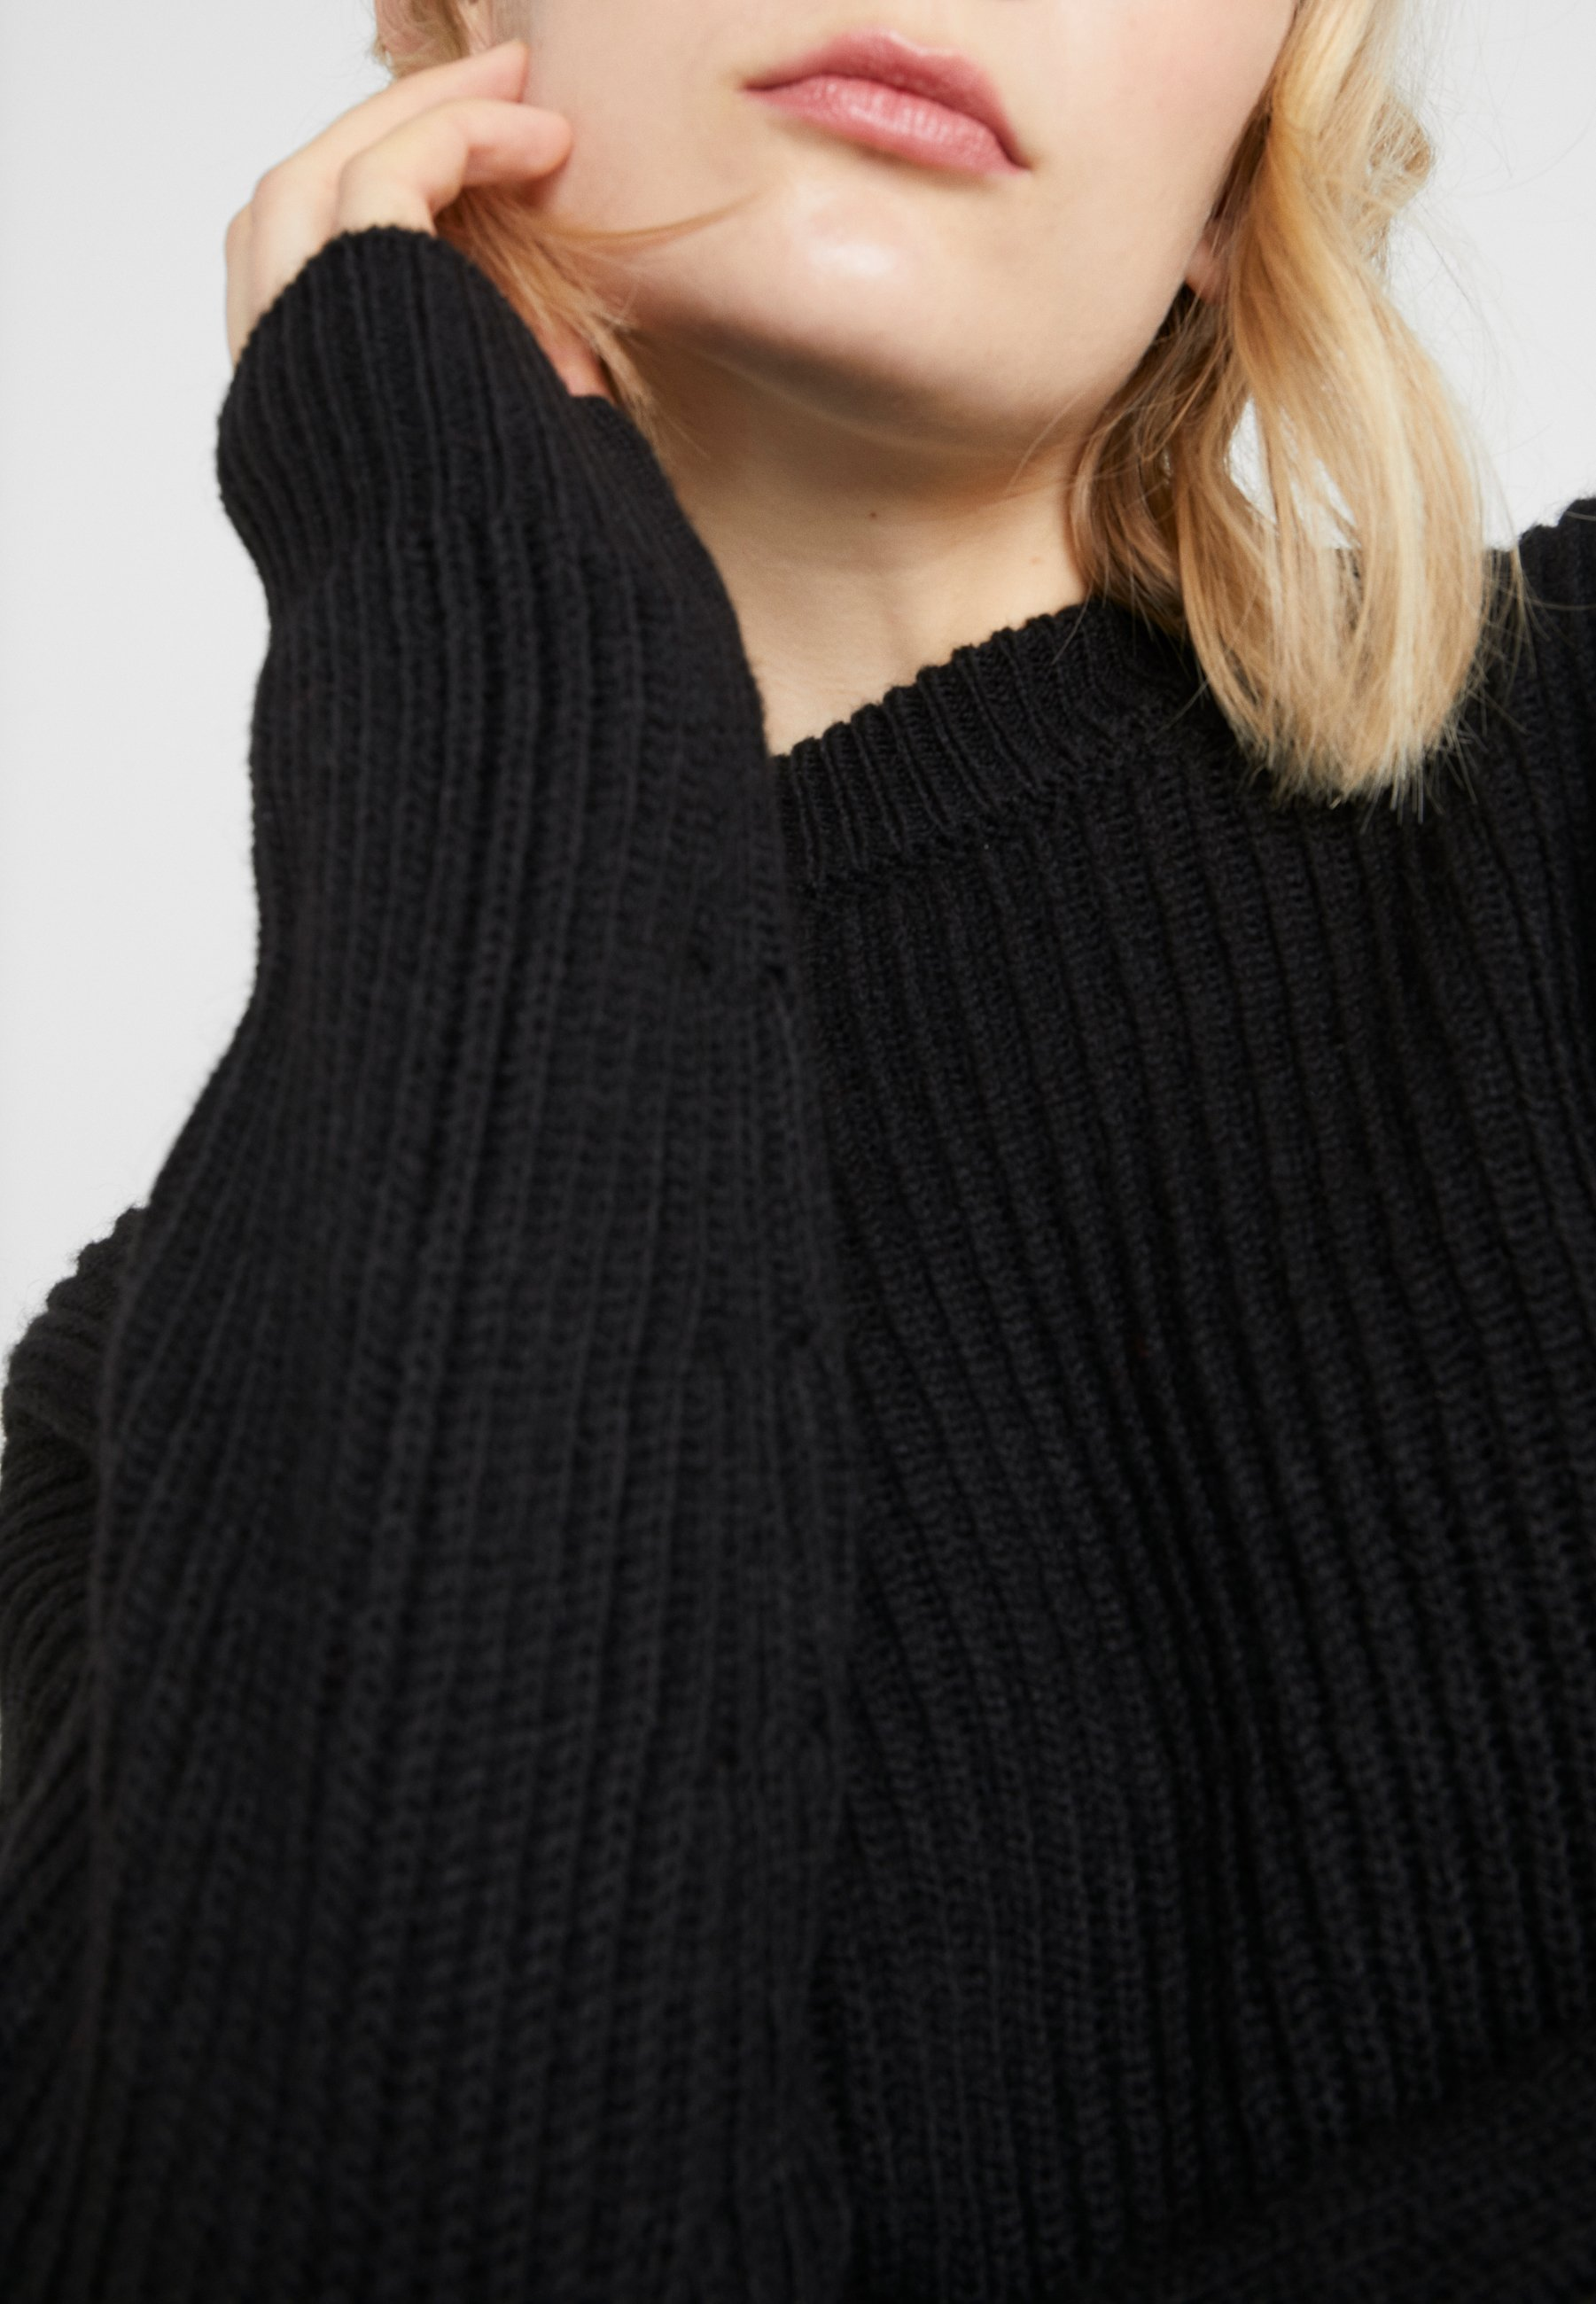 DRYKORN DOANIE - Pullover schwarz